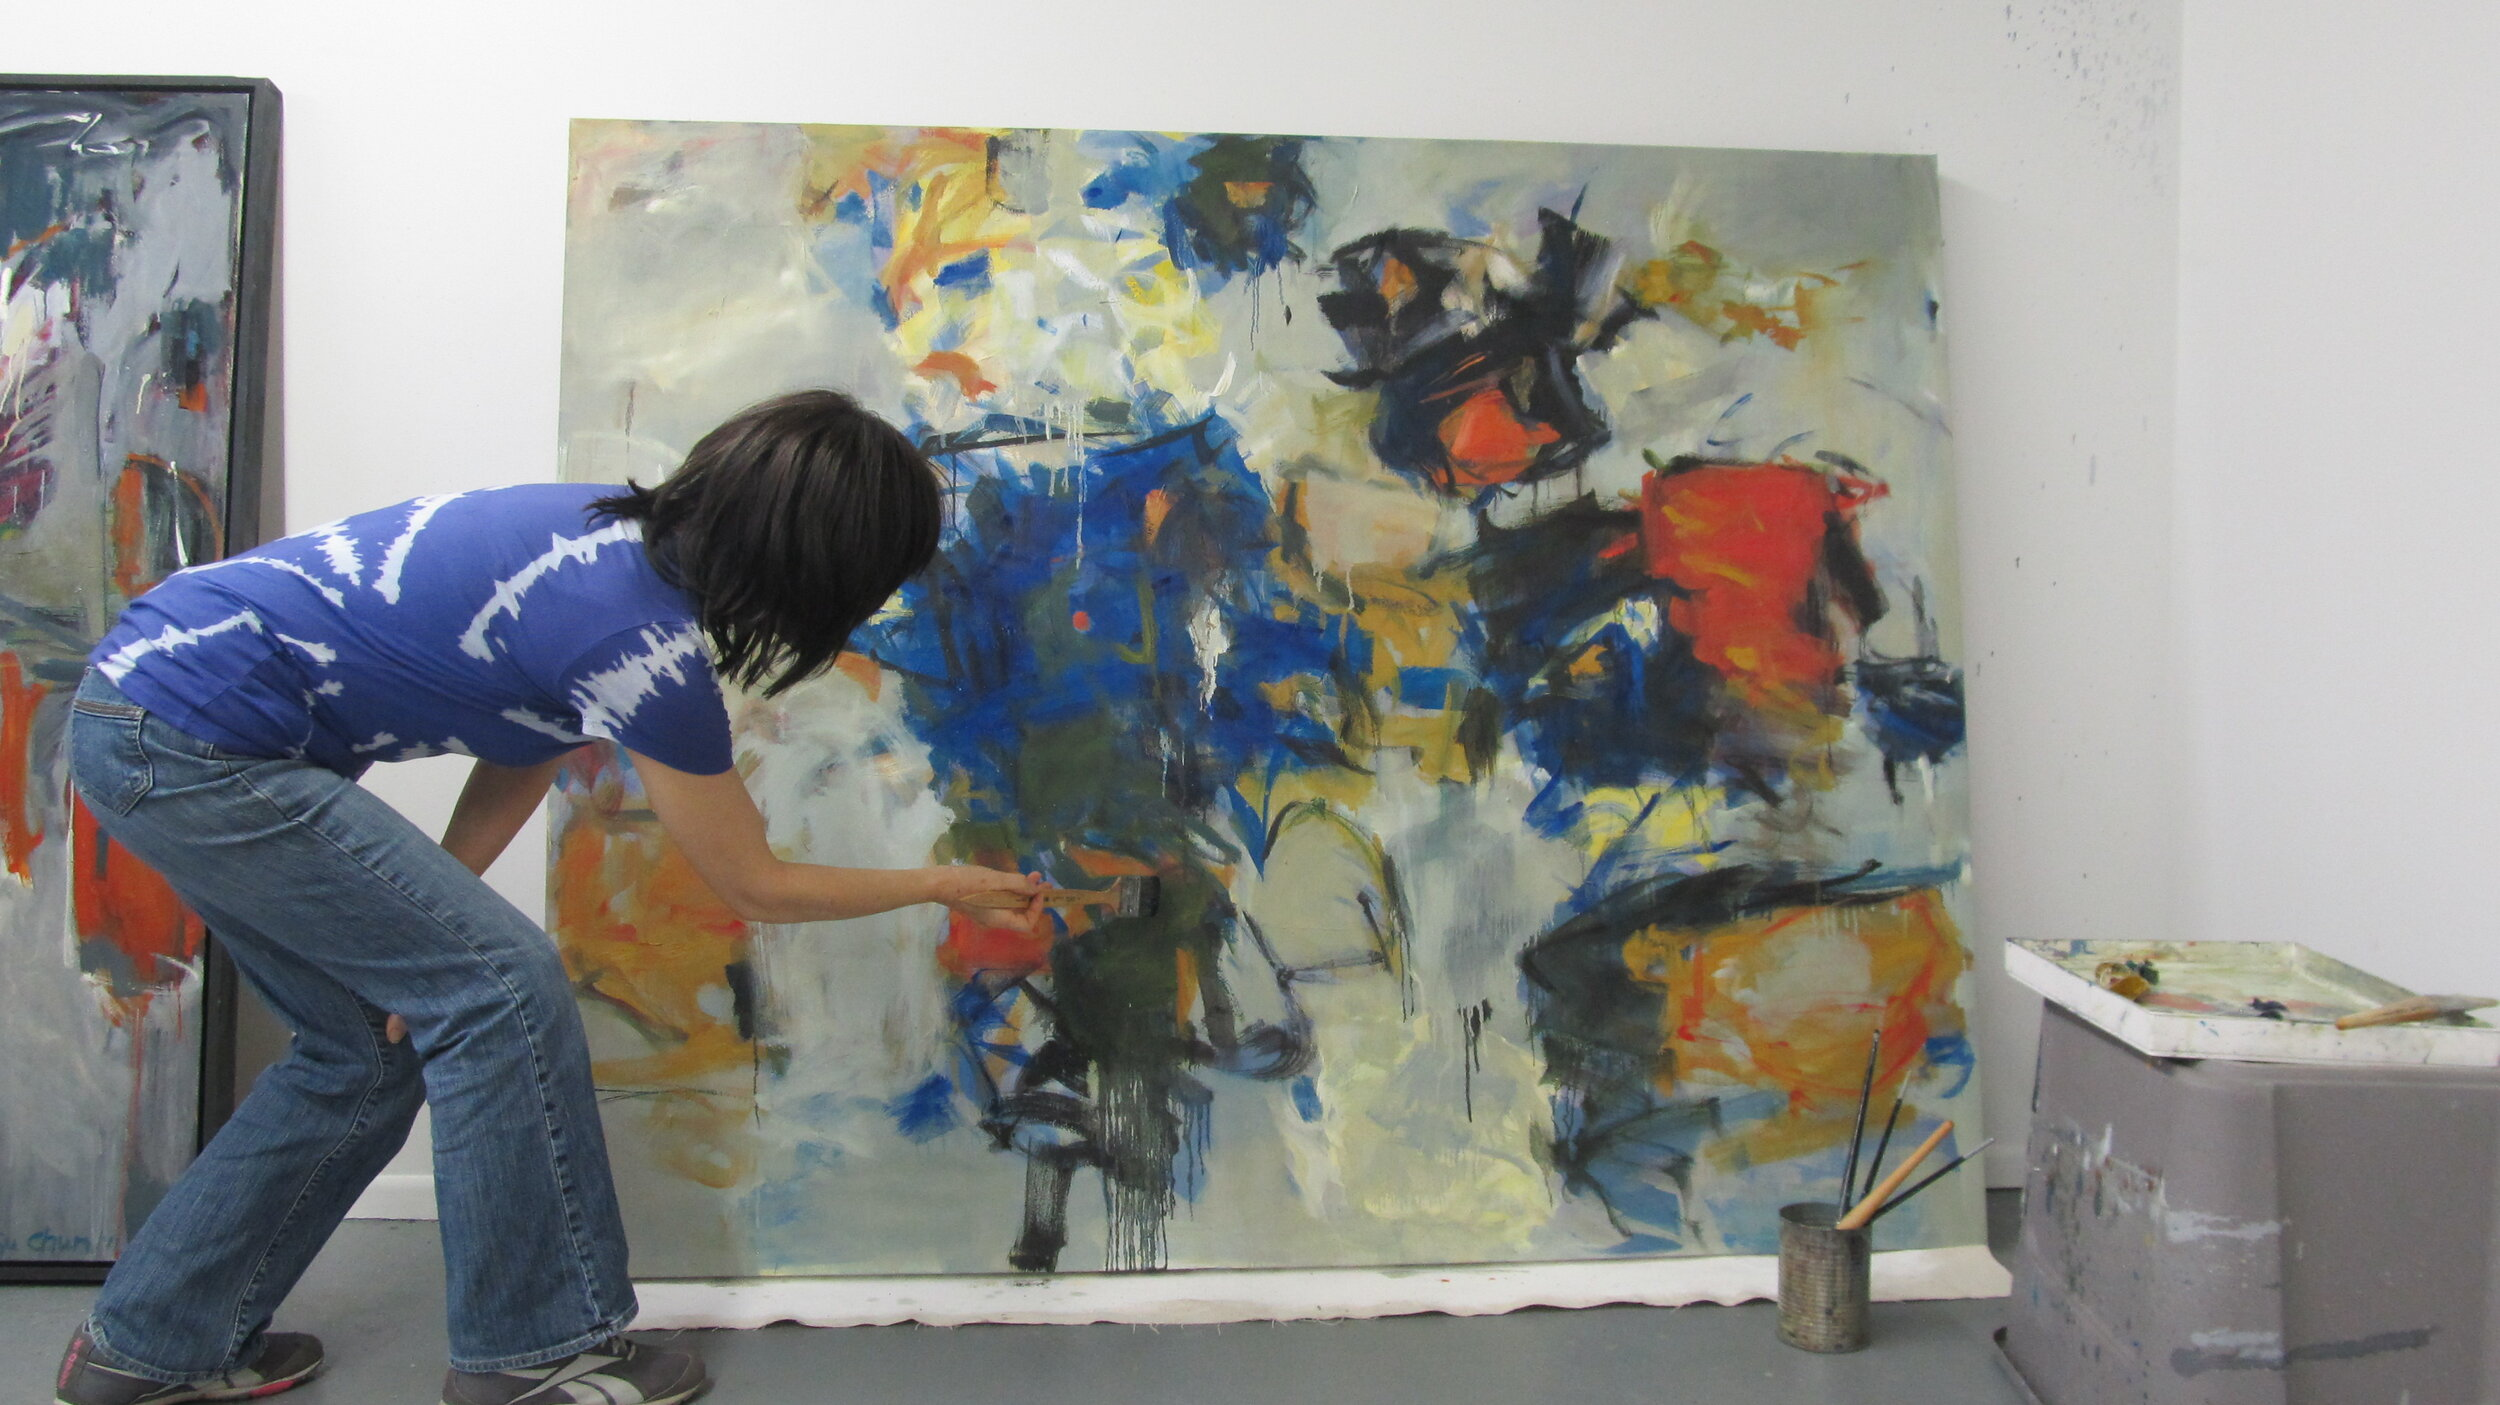 2010-12-01 00.31.17.jpg